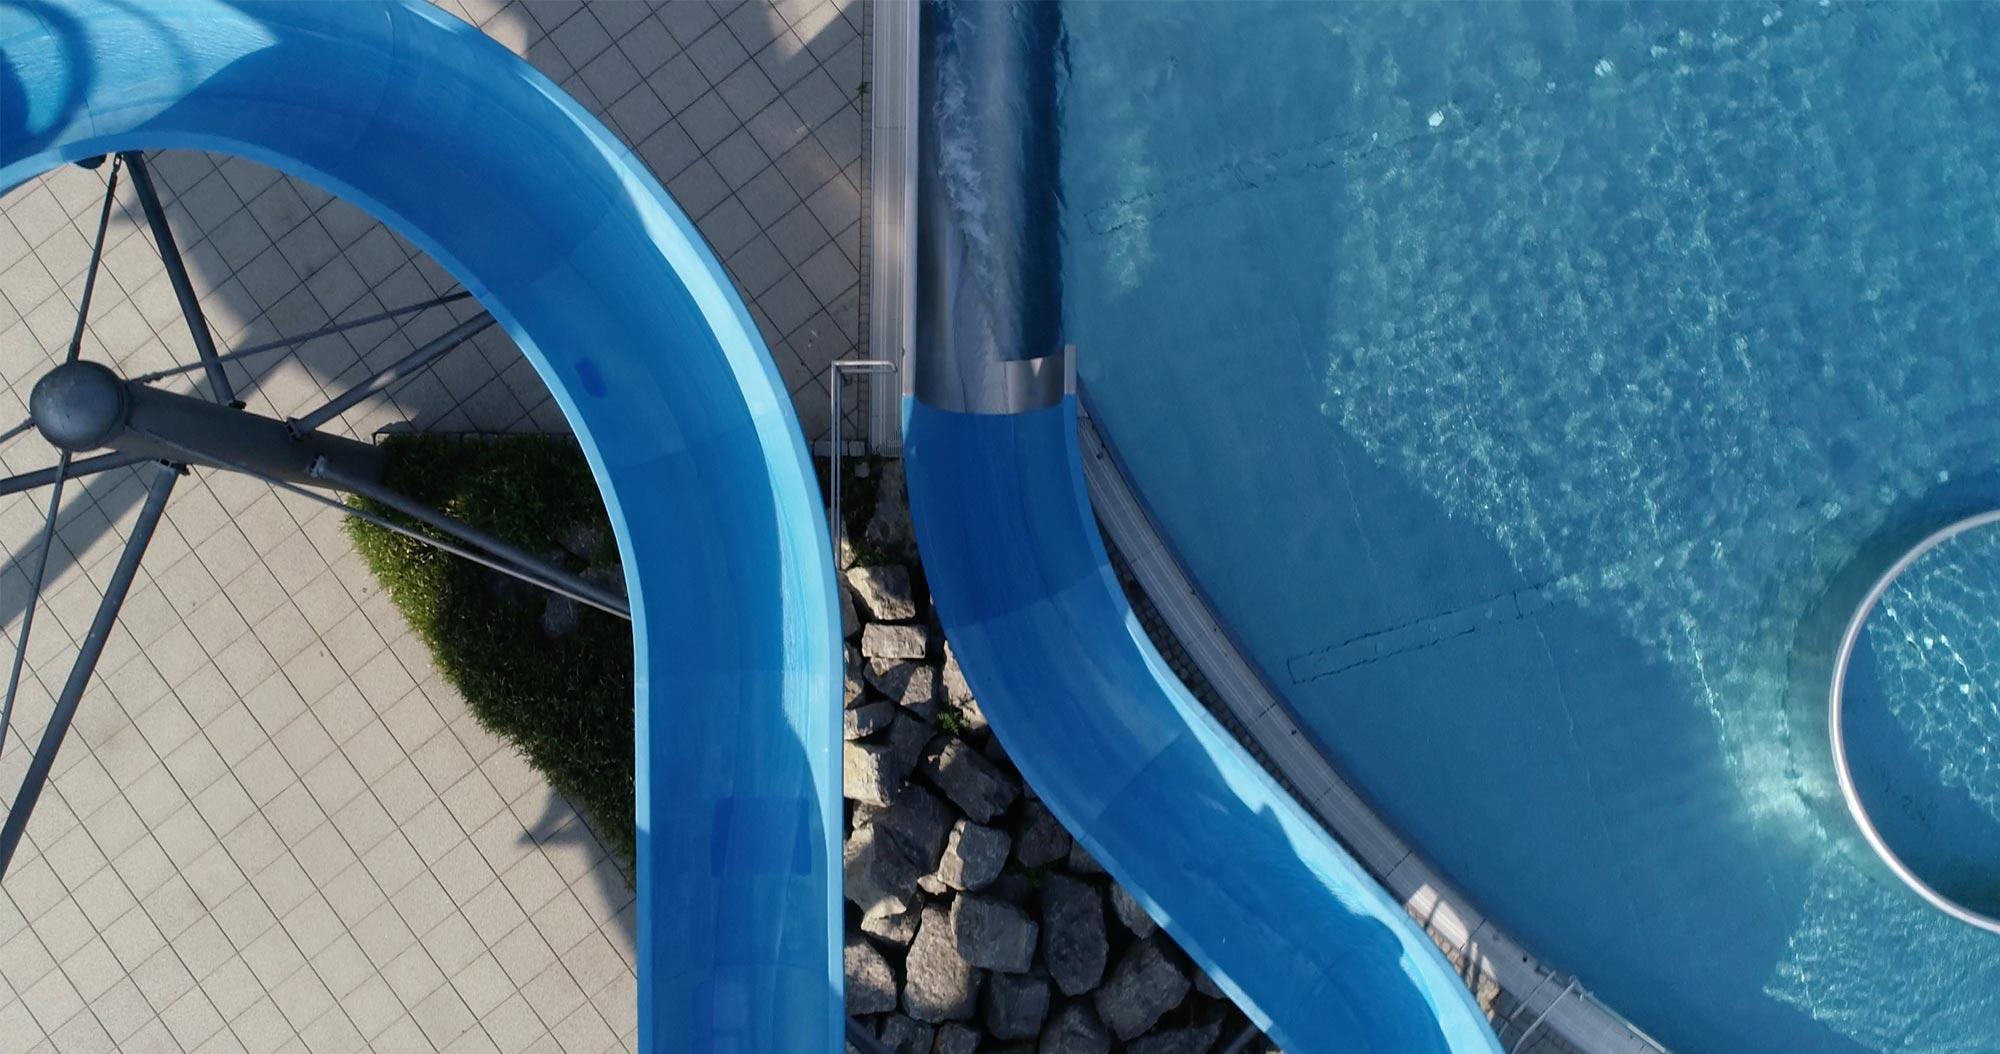 Wasserrutschen